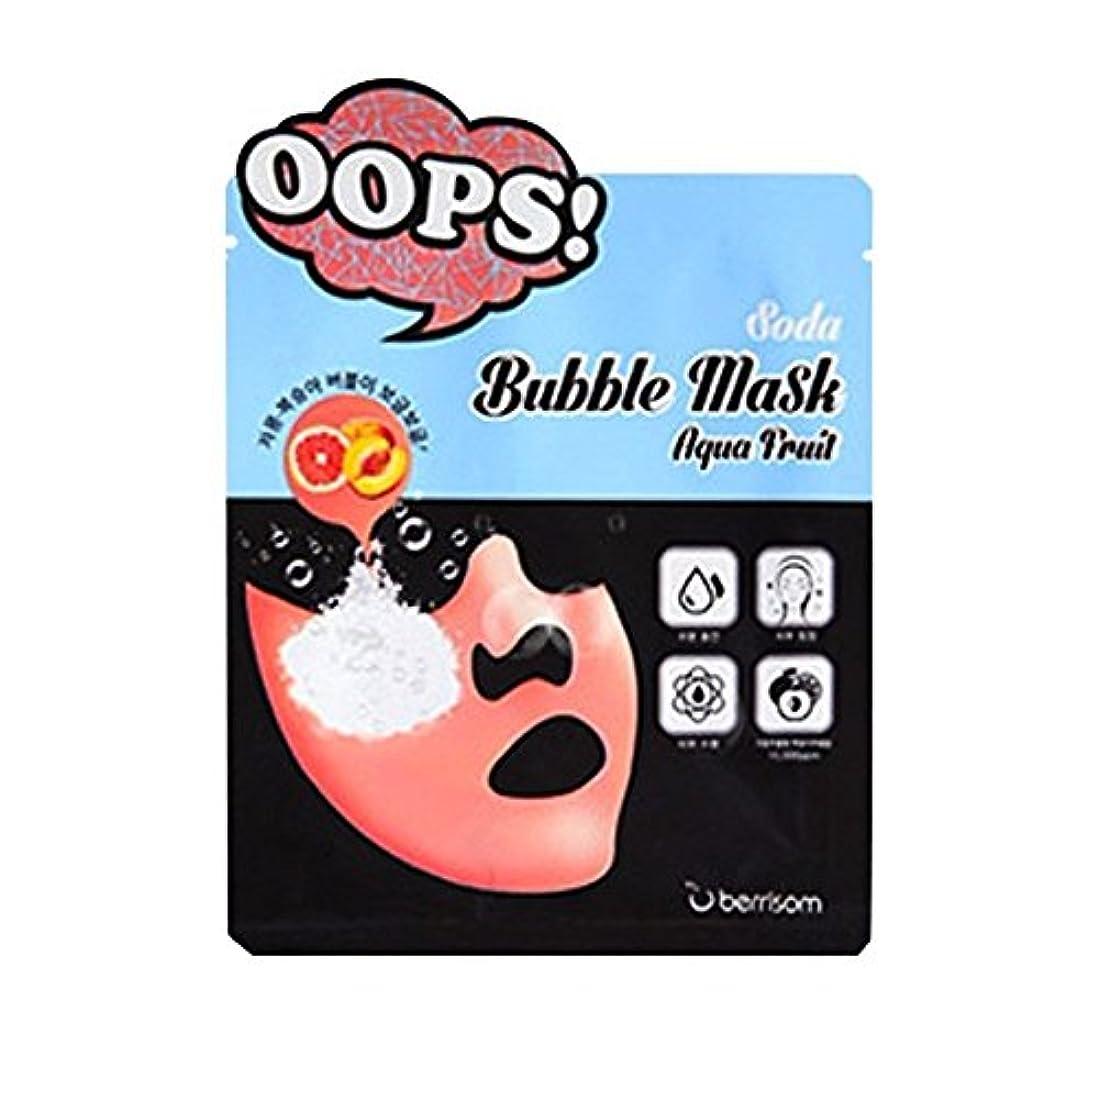 継承失敗天文学Berrisom Oops Soda Bubble Mask - 1pack (5pcs) aqua Fruit/ベリーサム Oops ソーダ バブル マスク - 1pack (5pcs) aqua Fruit